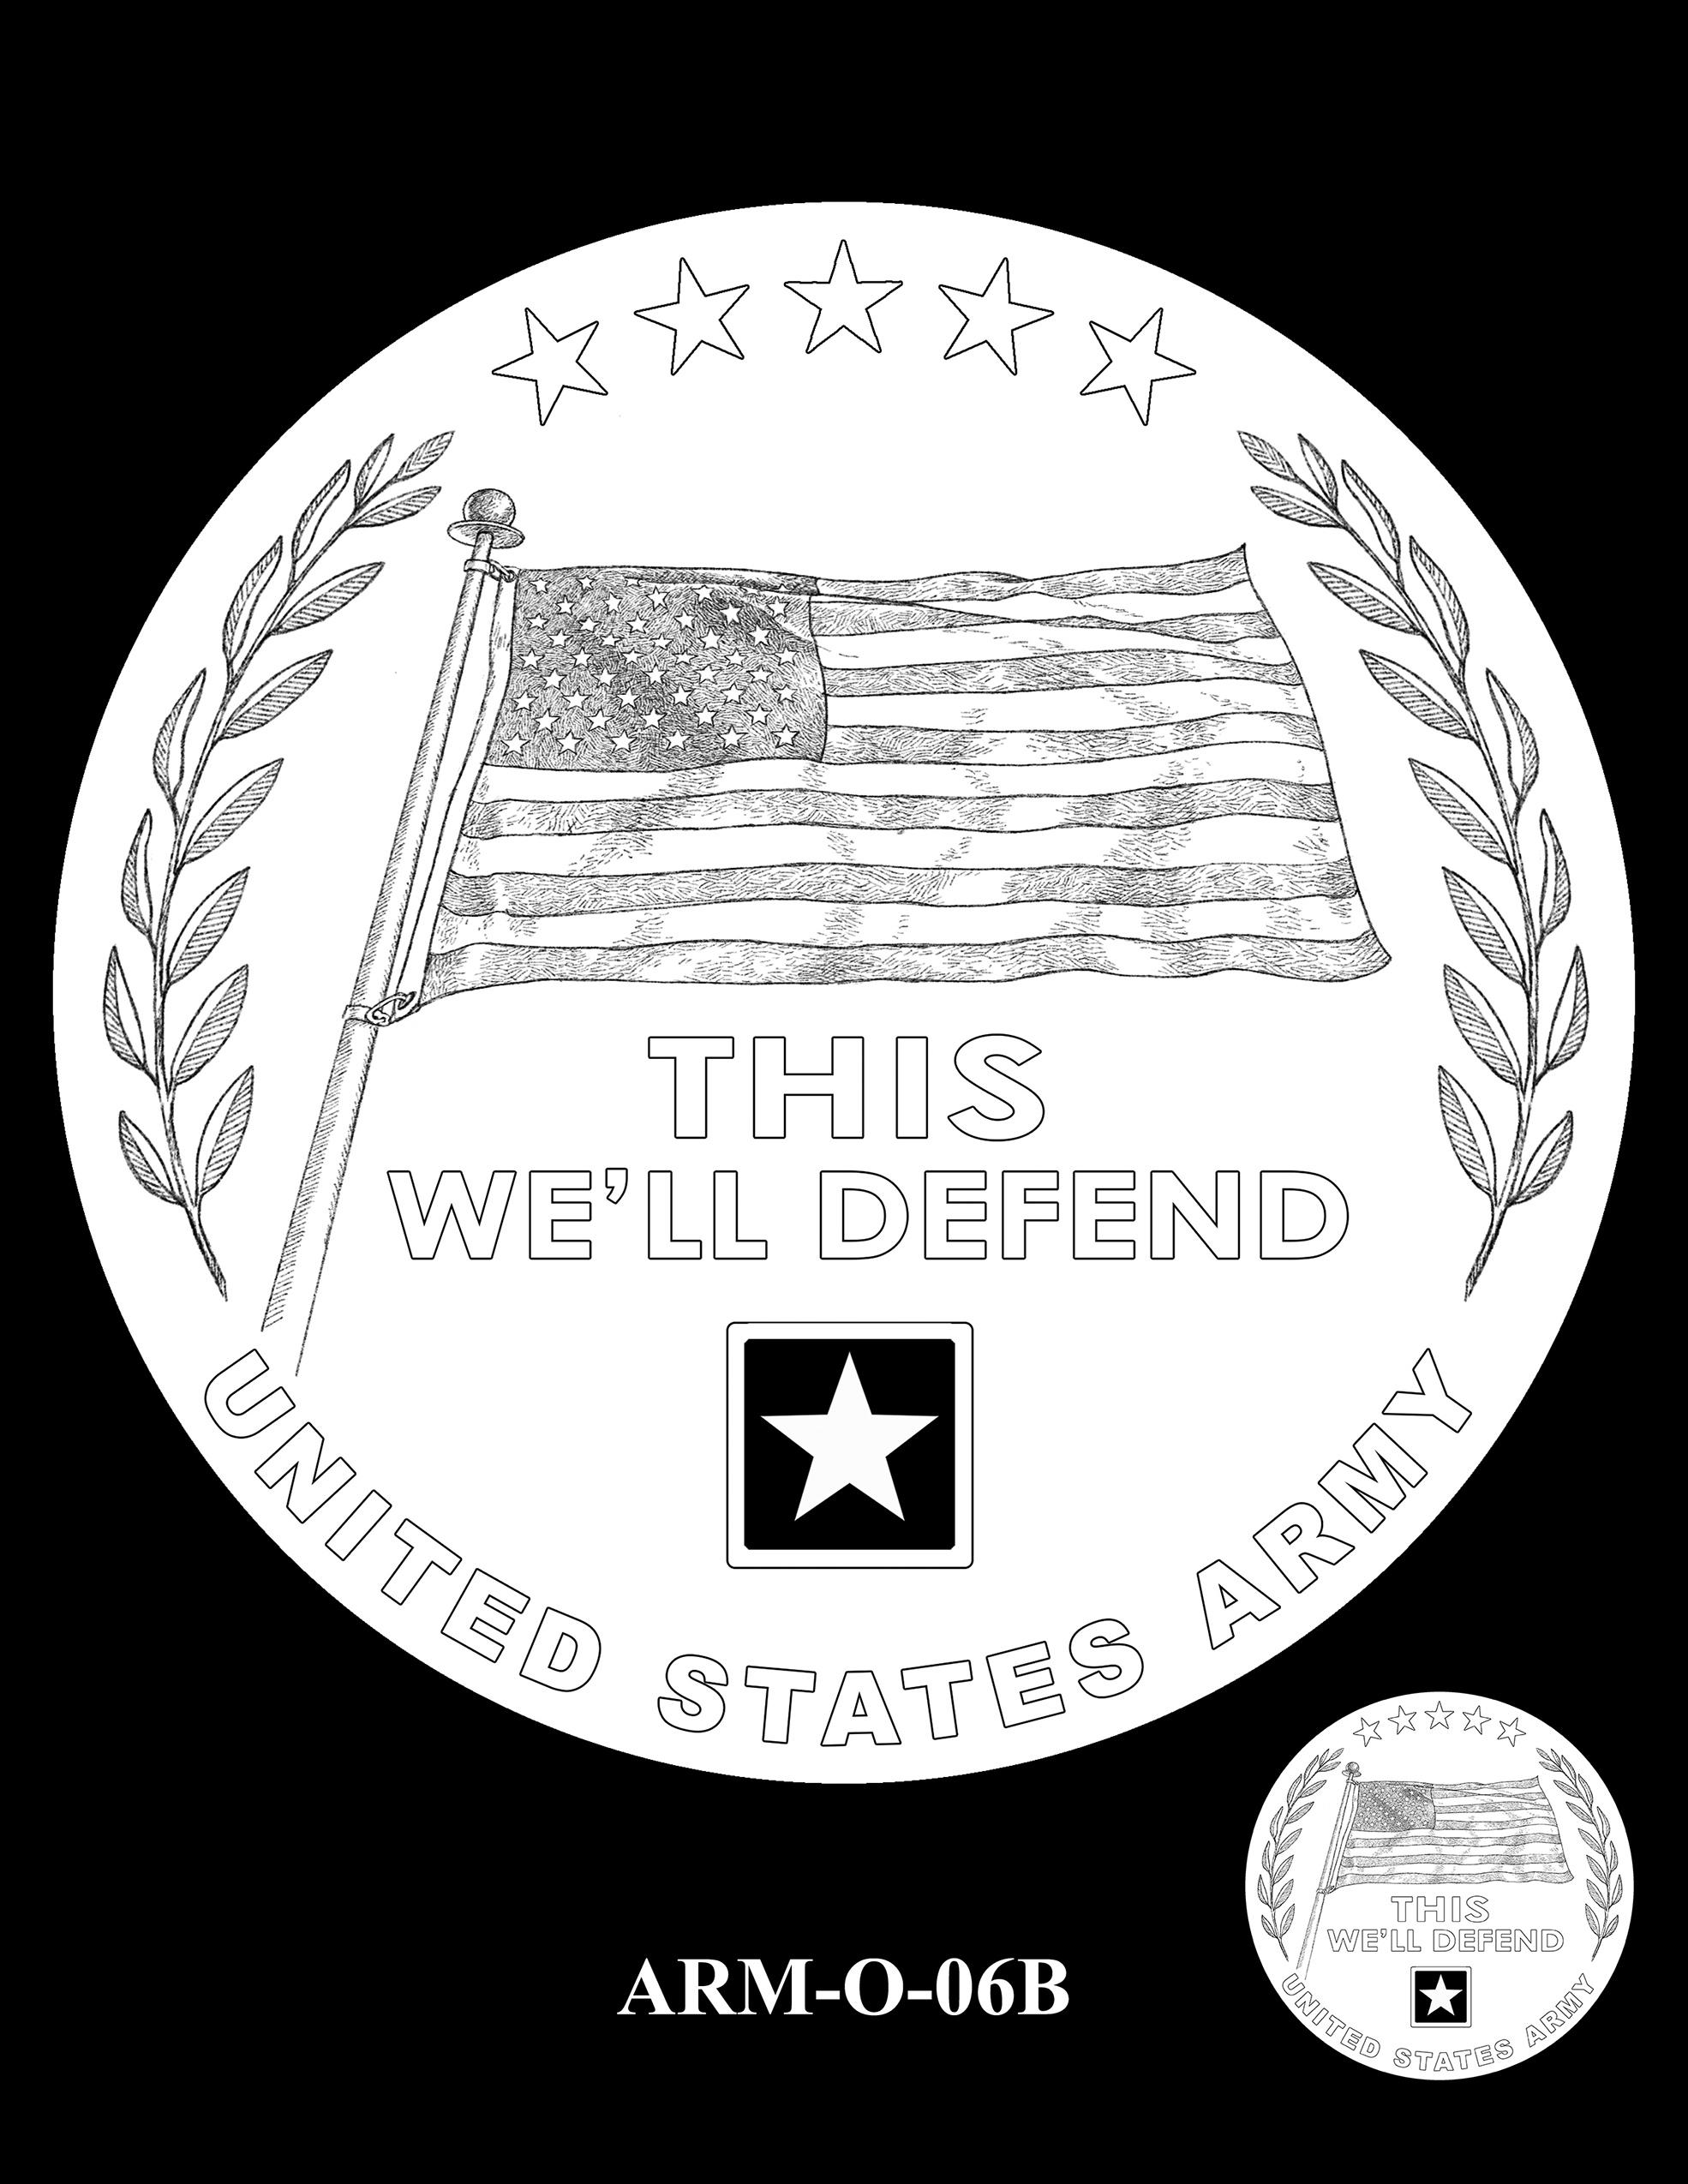 ARM-O-06B -- United States Army Silver Medal